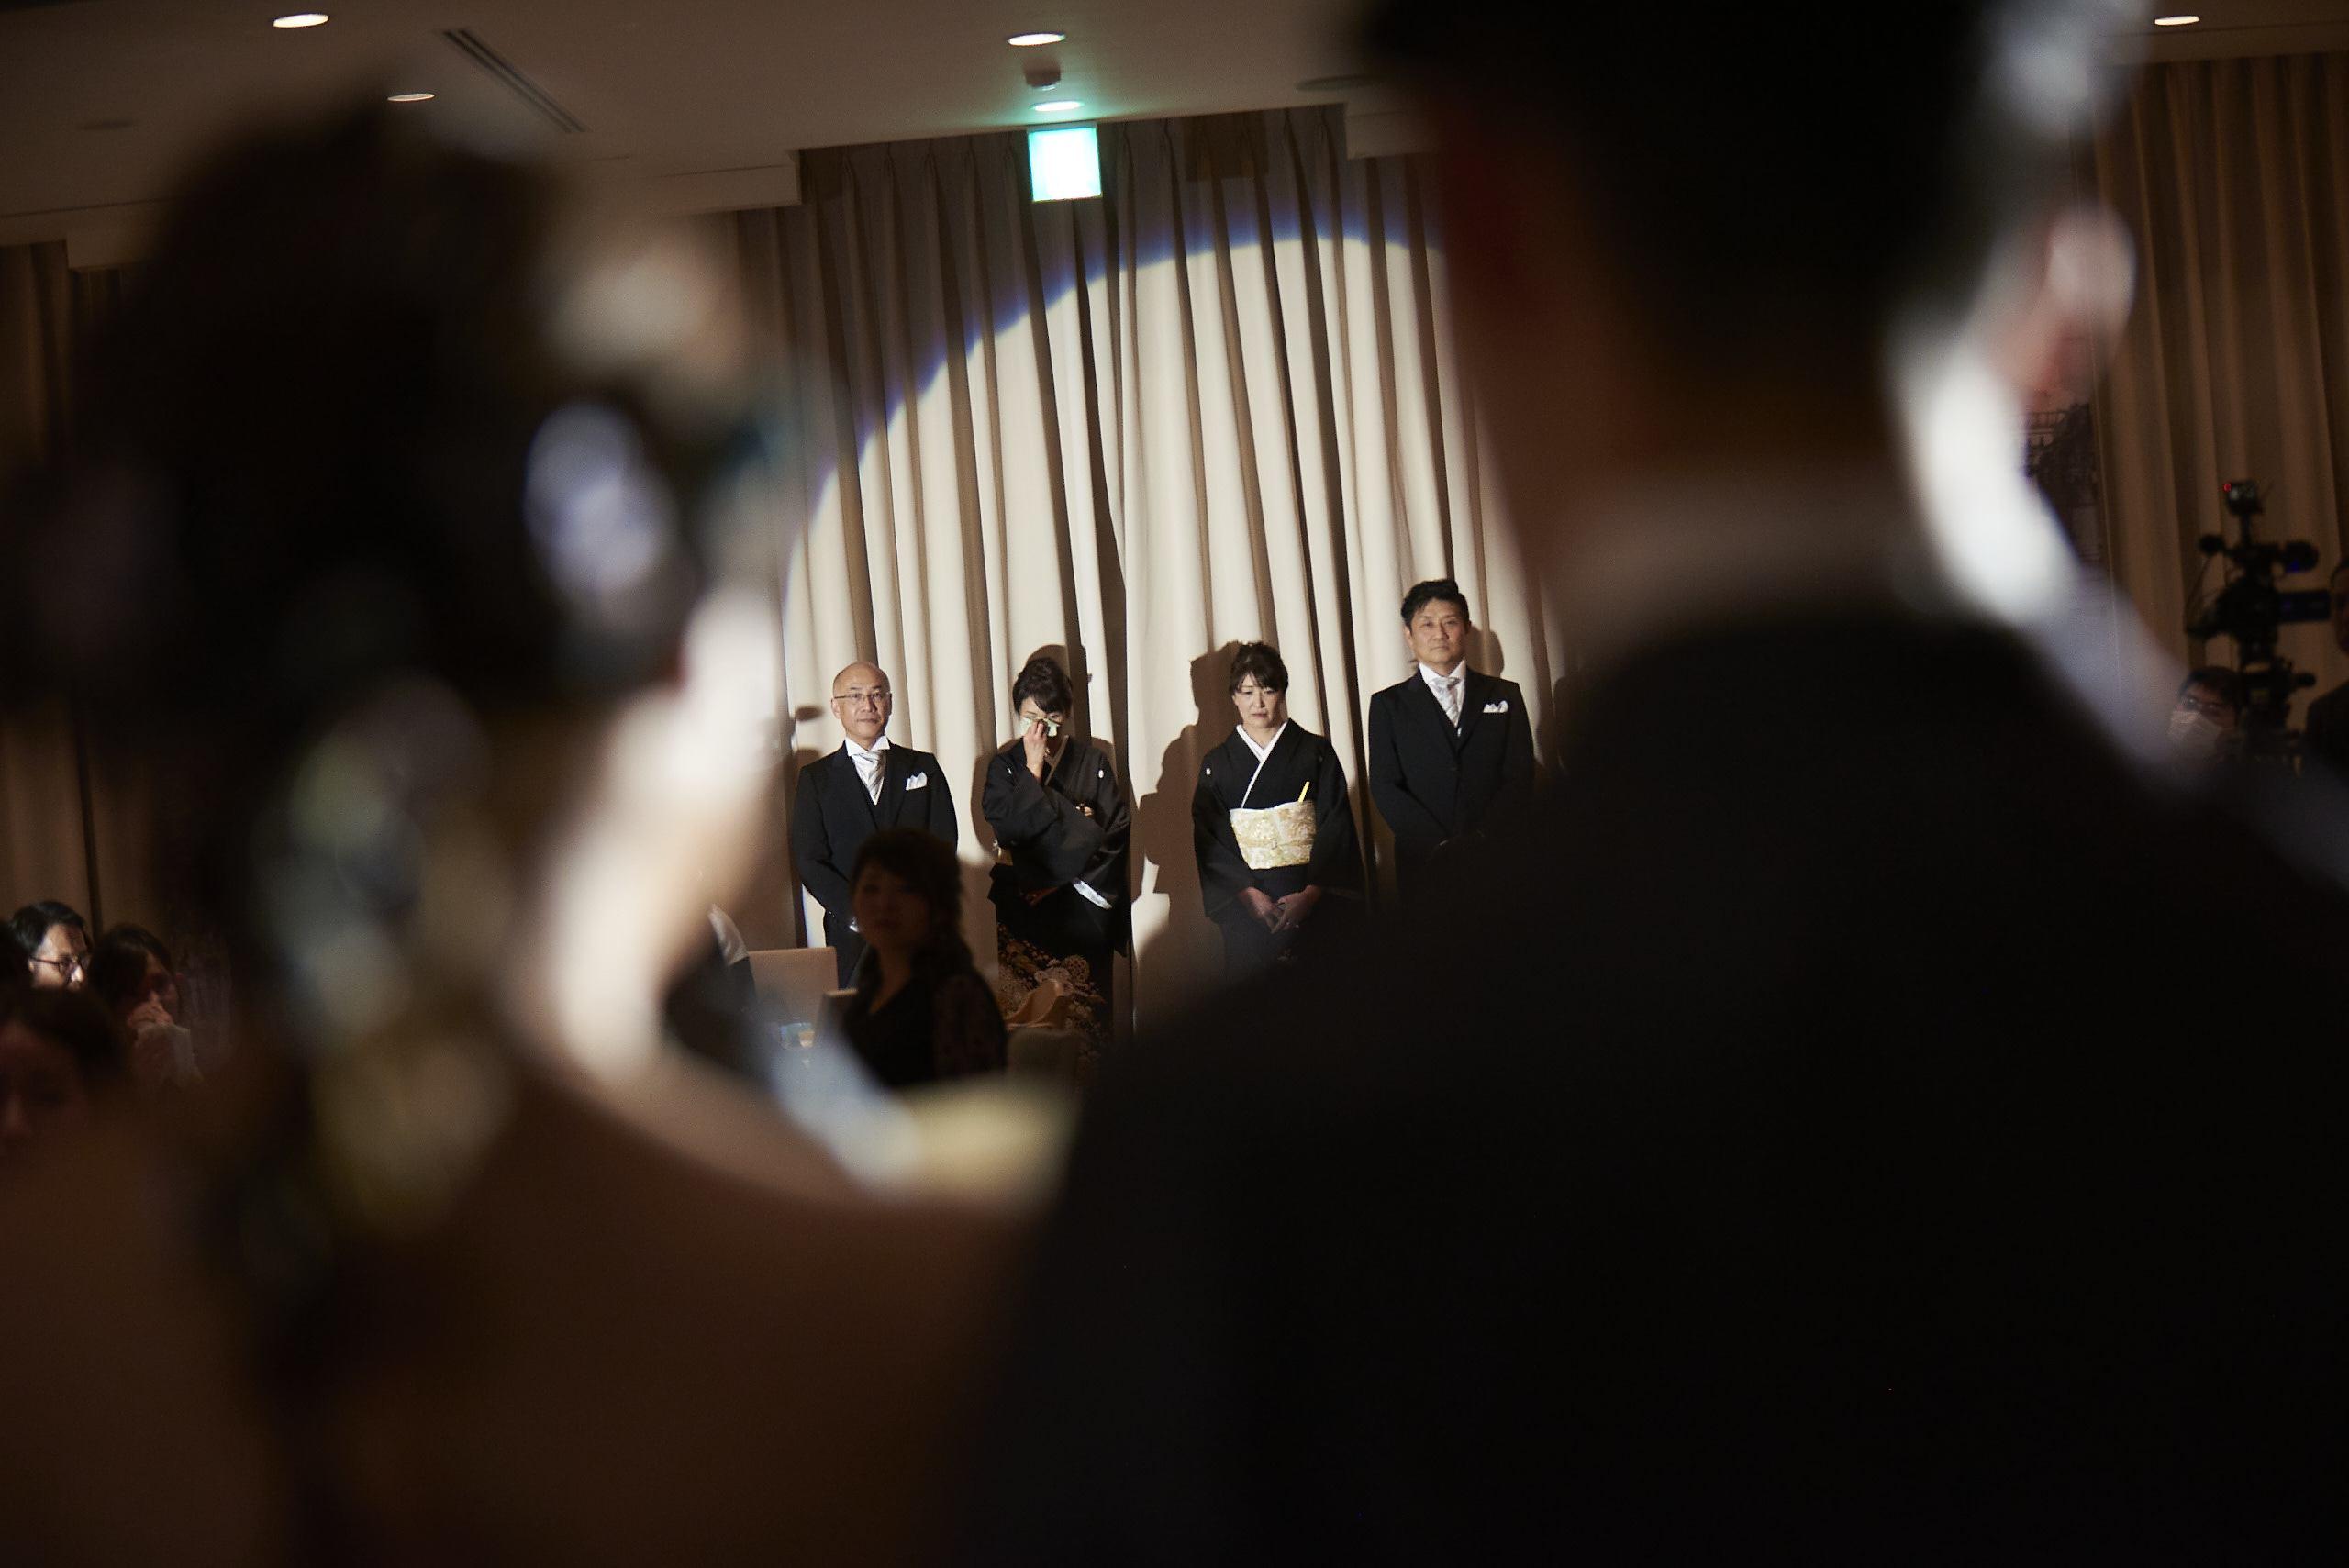 徳島市の結婚式場ブランアンジュで新婦様のお手紙を聞いているご両親様